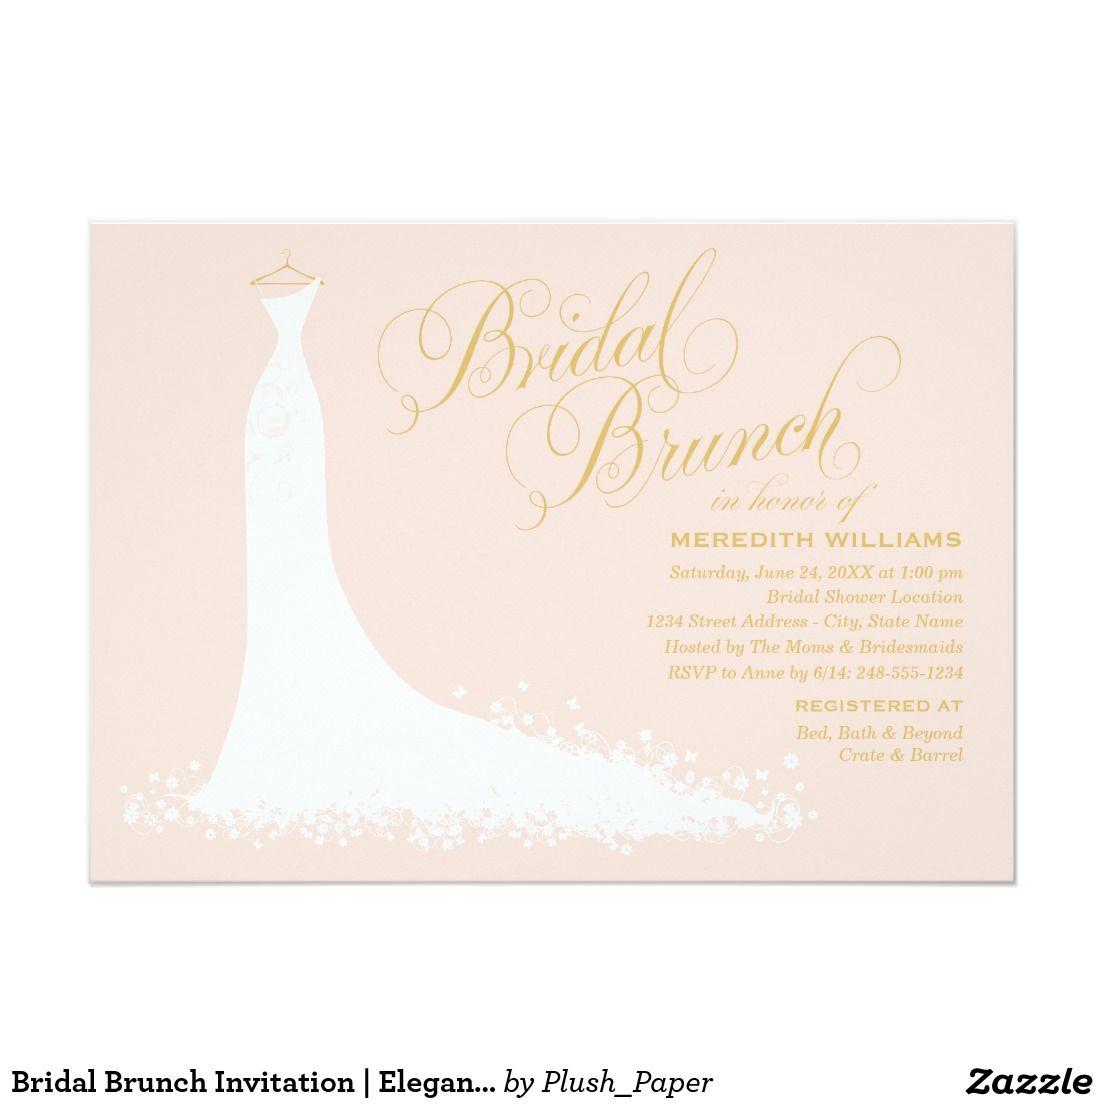 Bridal Brunch Invitation Elegant Wedding Gown Elegant Wedding